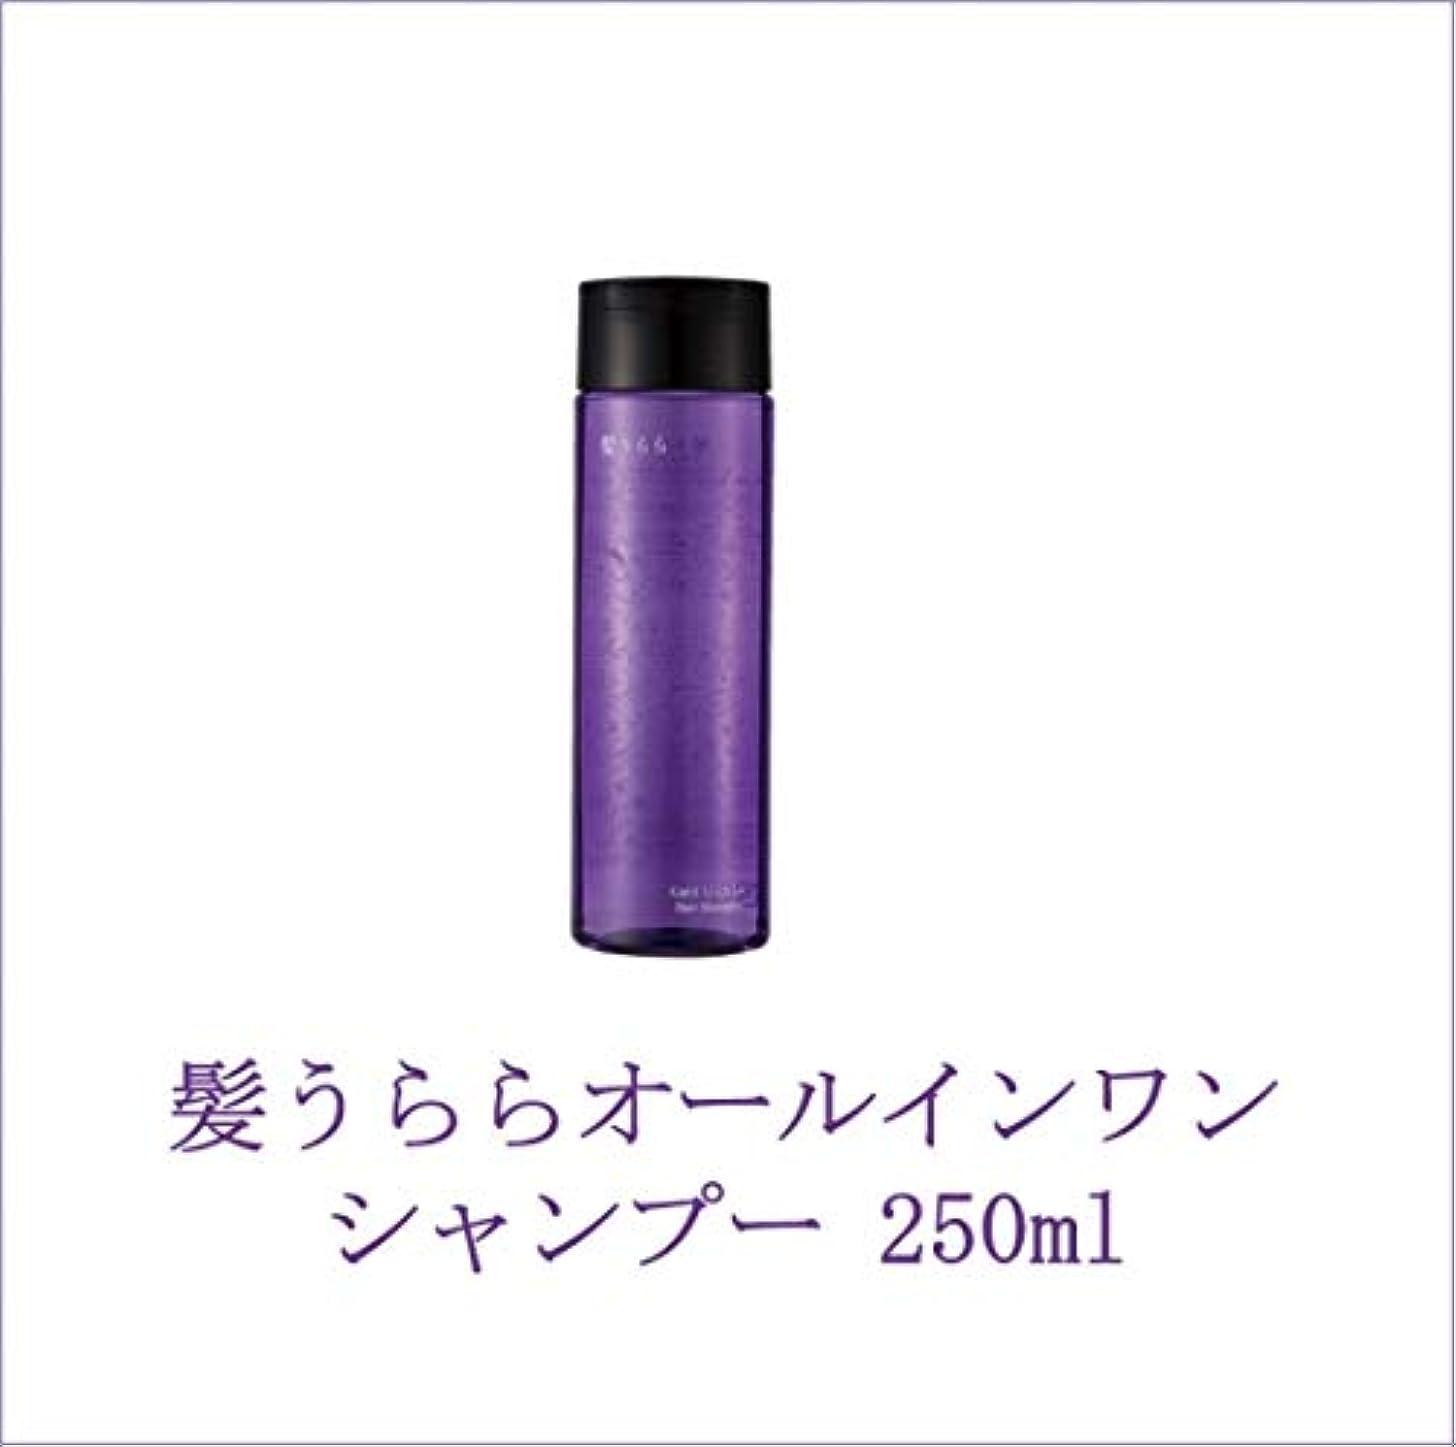 デザートスライム選ぶツヤ髪専用シャンプー 髪うらら オールインワンシャンプー (250ml)